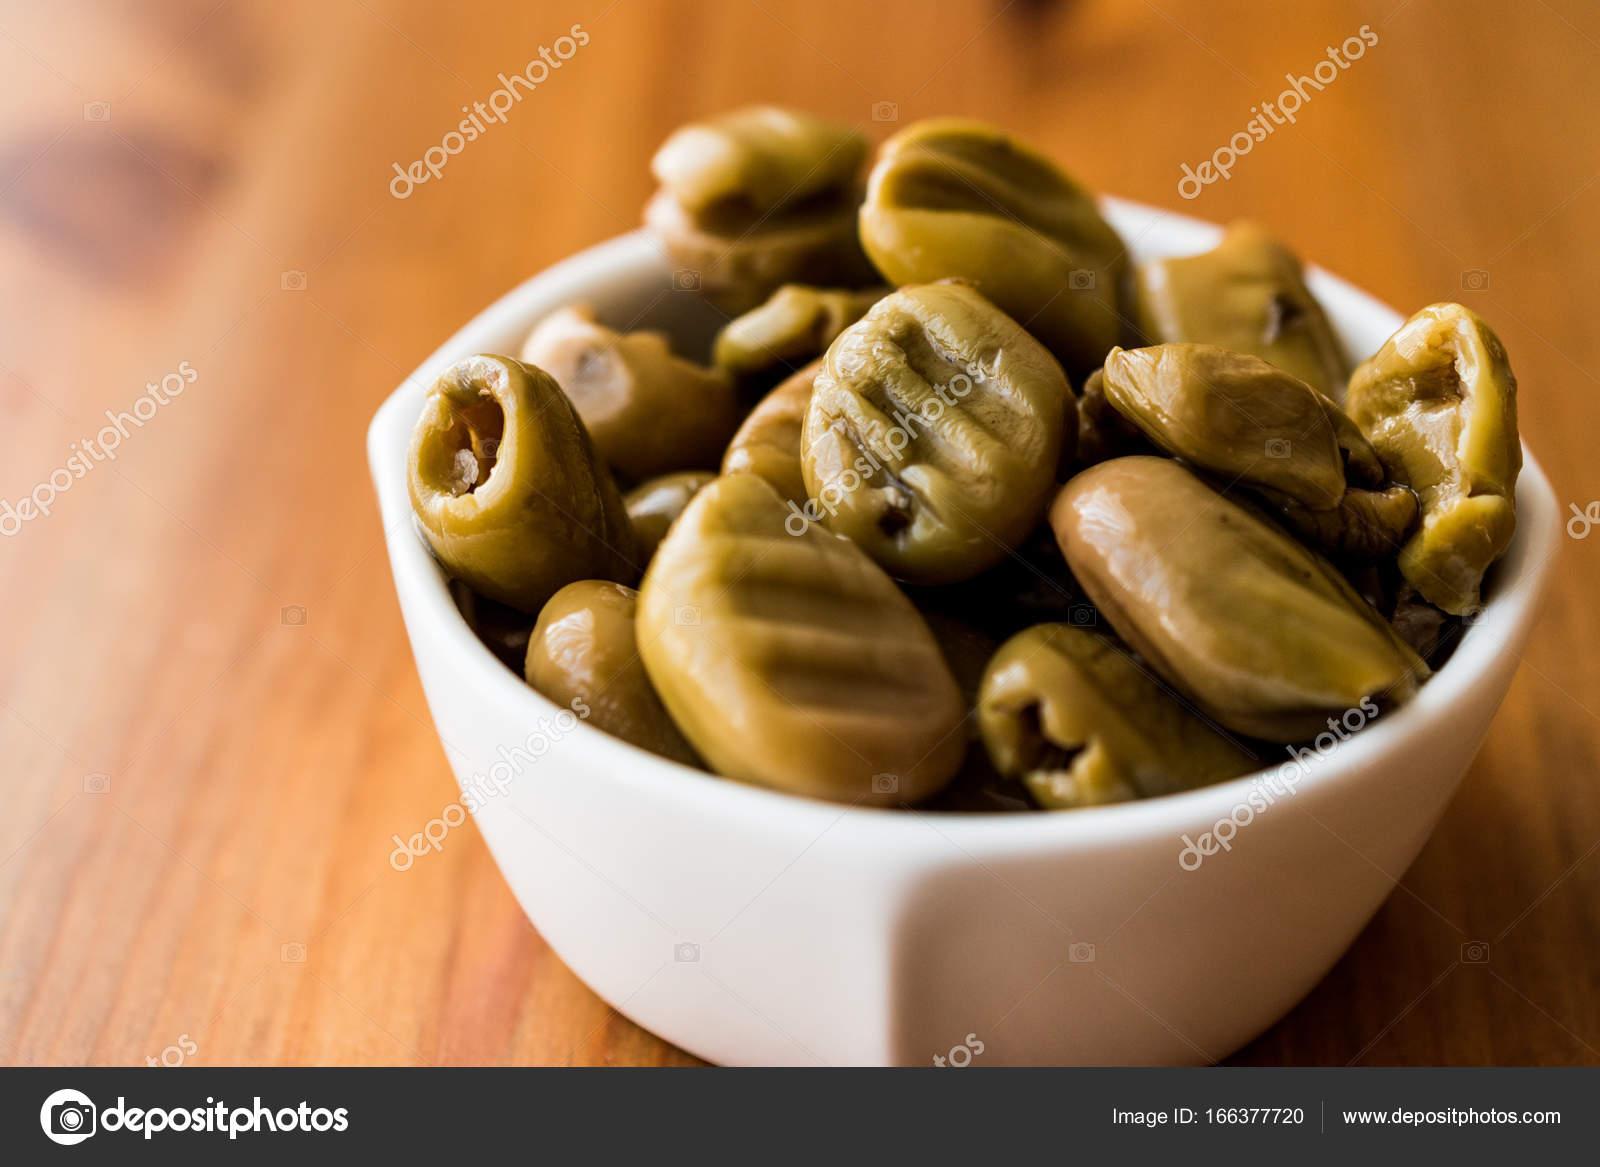 gegrillte gr ne oliven in eine sch ssel geben stockfoto alp aksoy 166377720. Black Bedroom Furniture Sets. Home Design Ideas